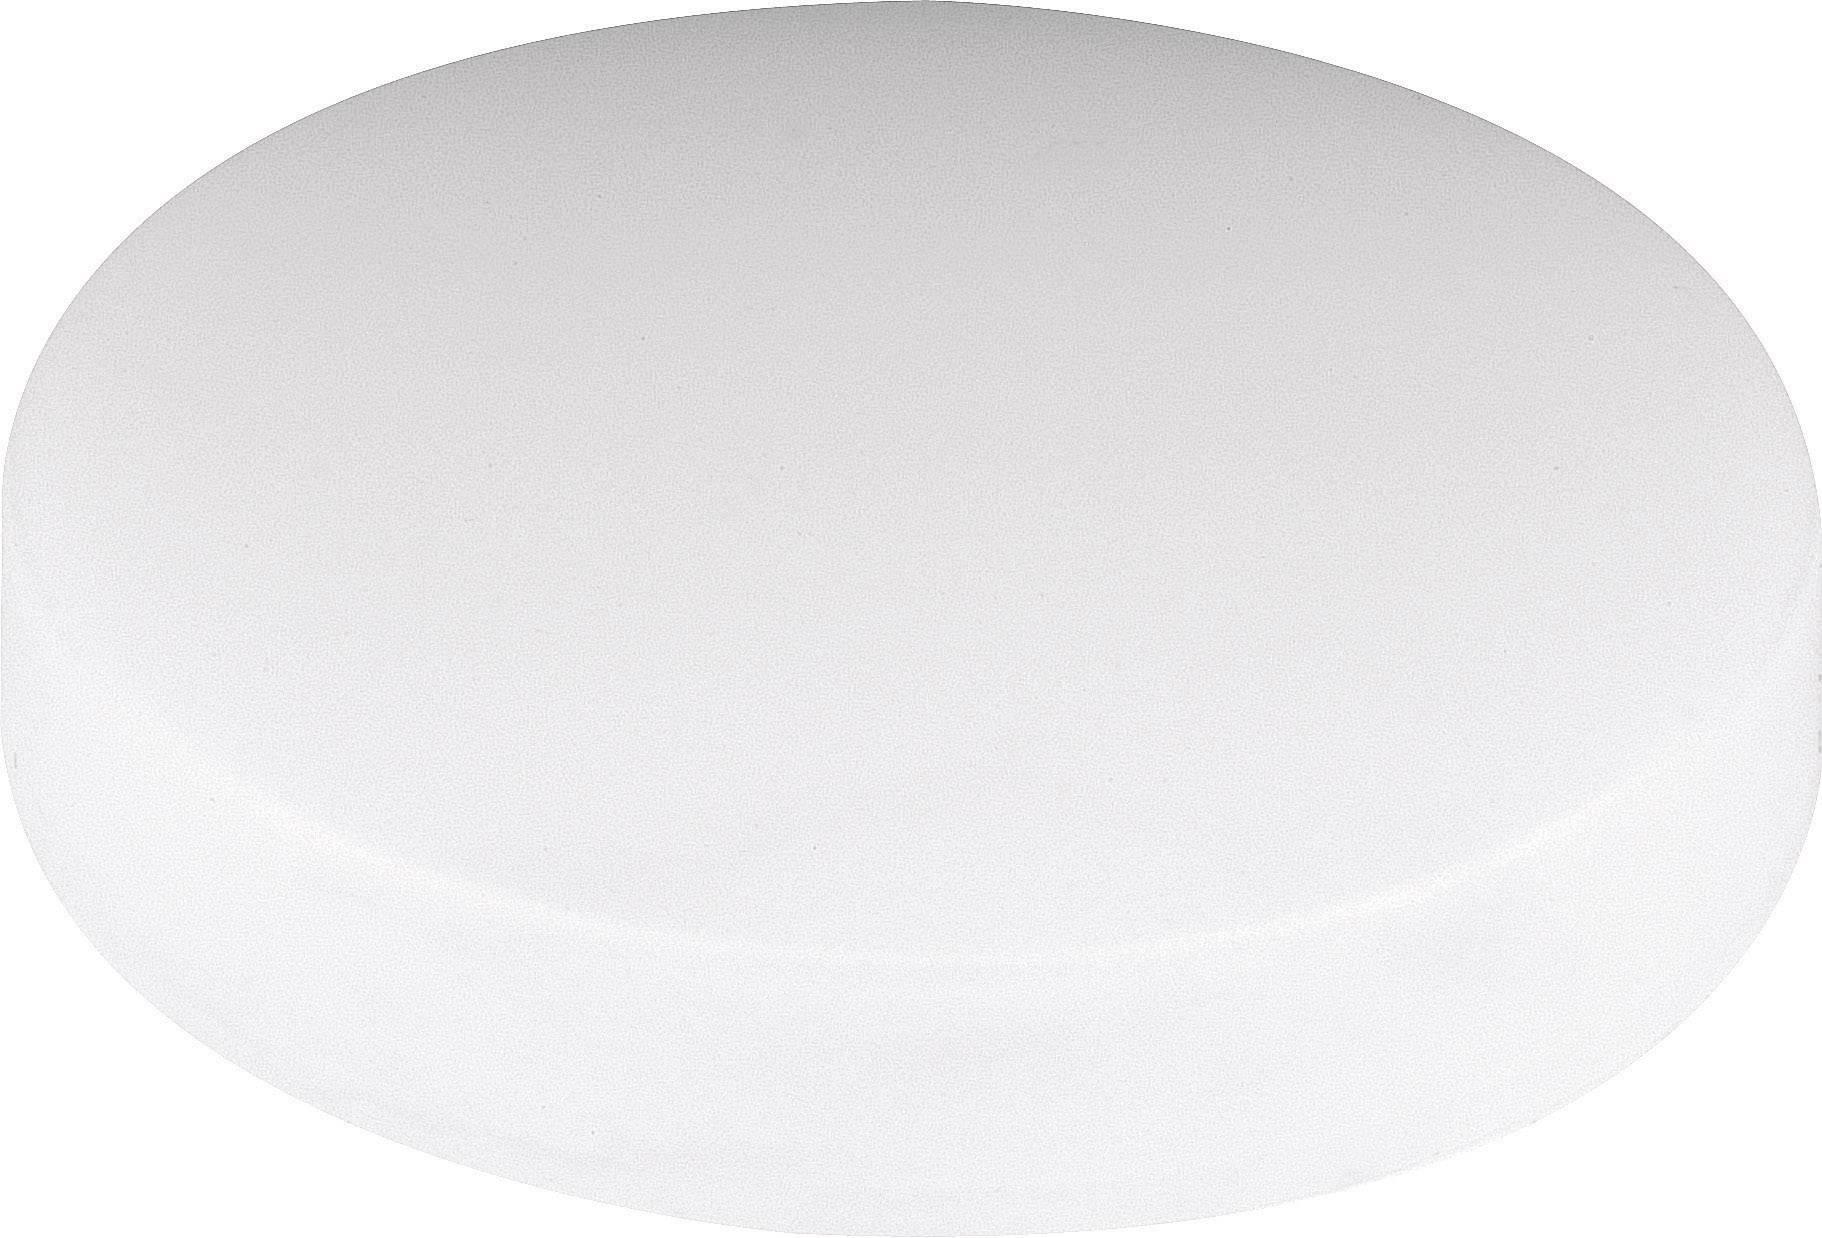 Svetelný poklop Mentor 2450.0800, zelená, vhodný pre reflektor 12 mm